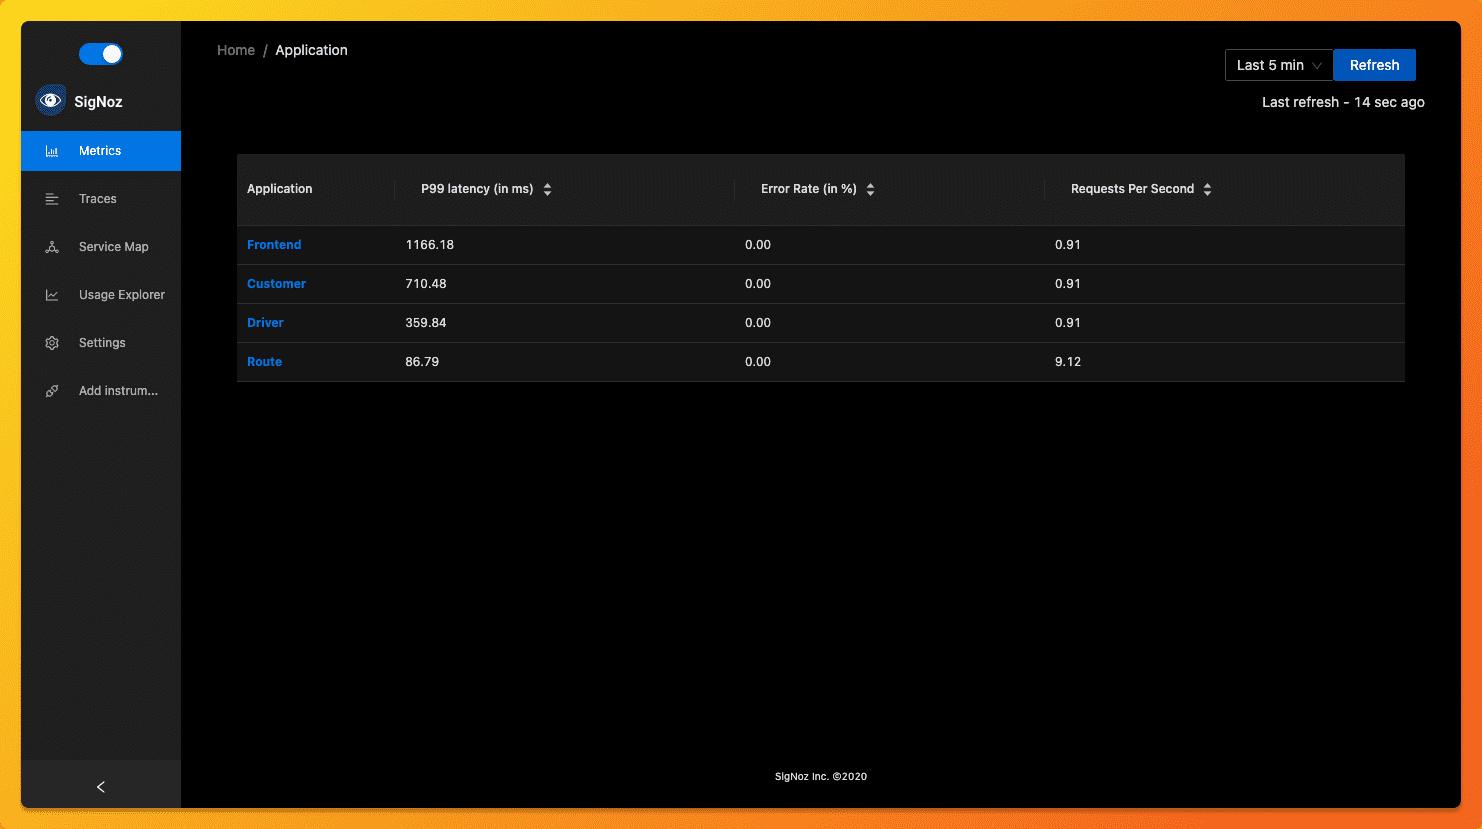 SigNoz dashboard